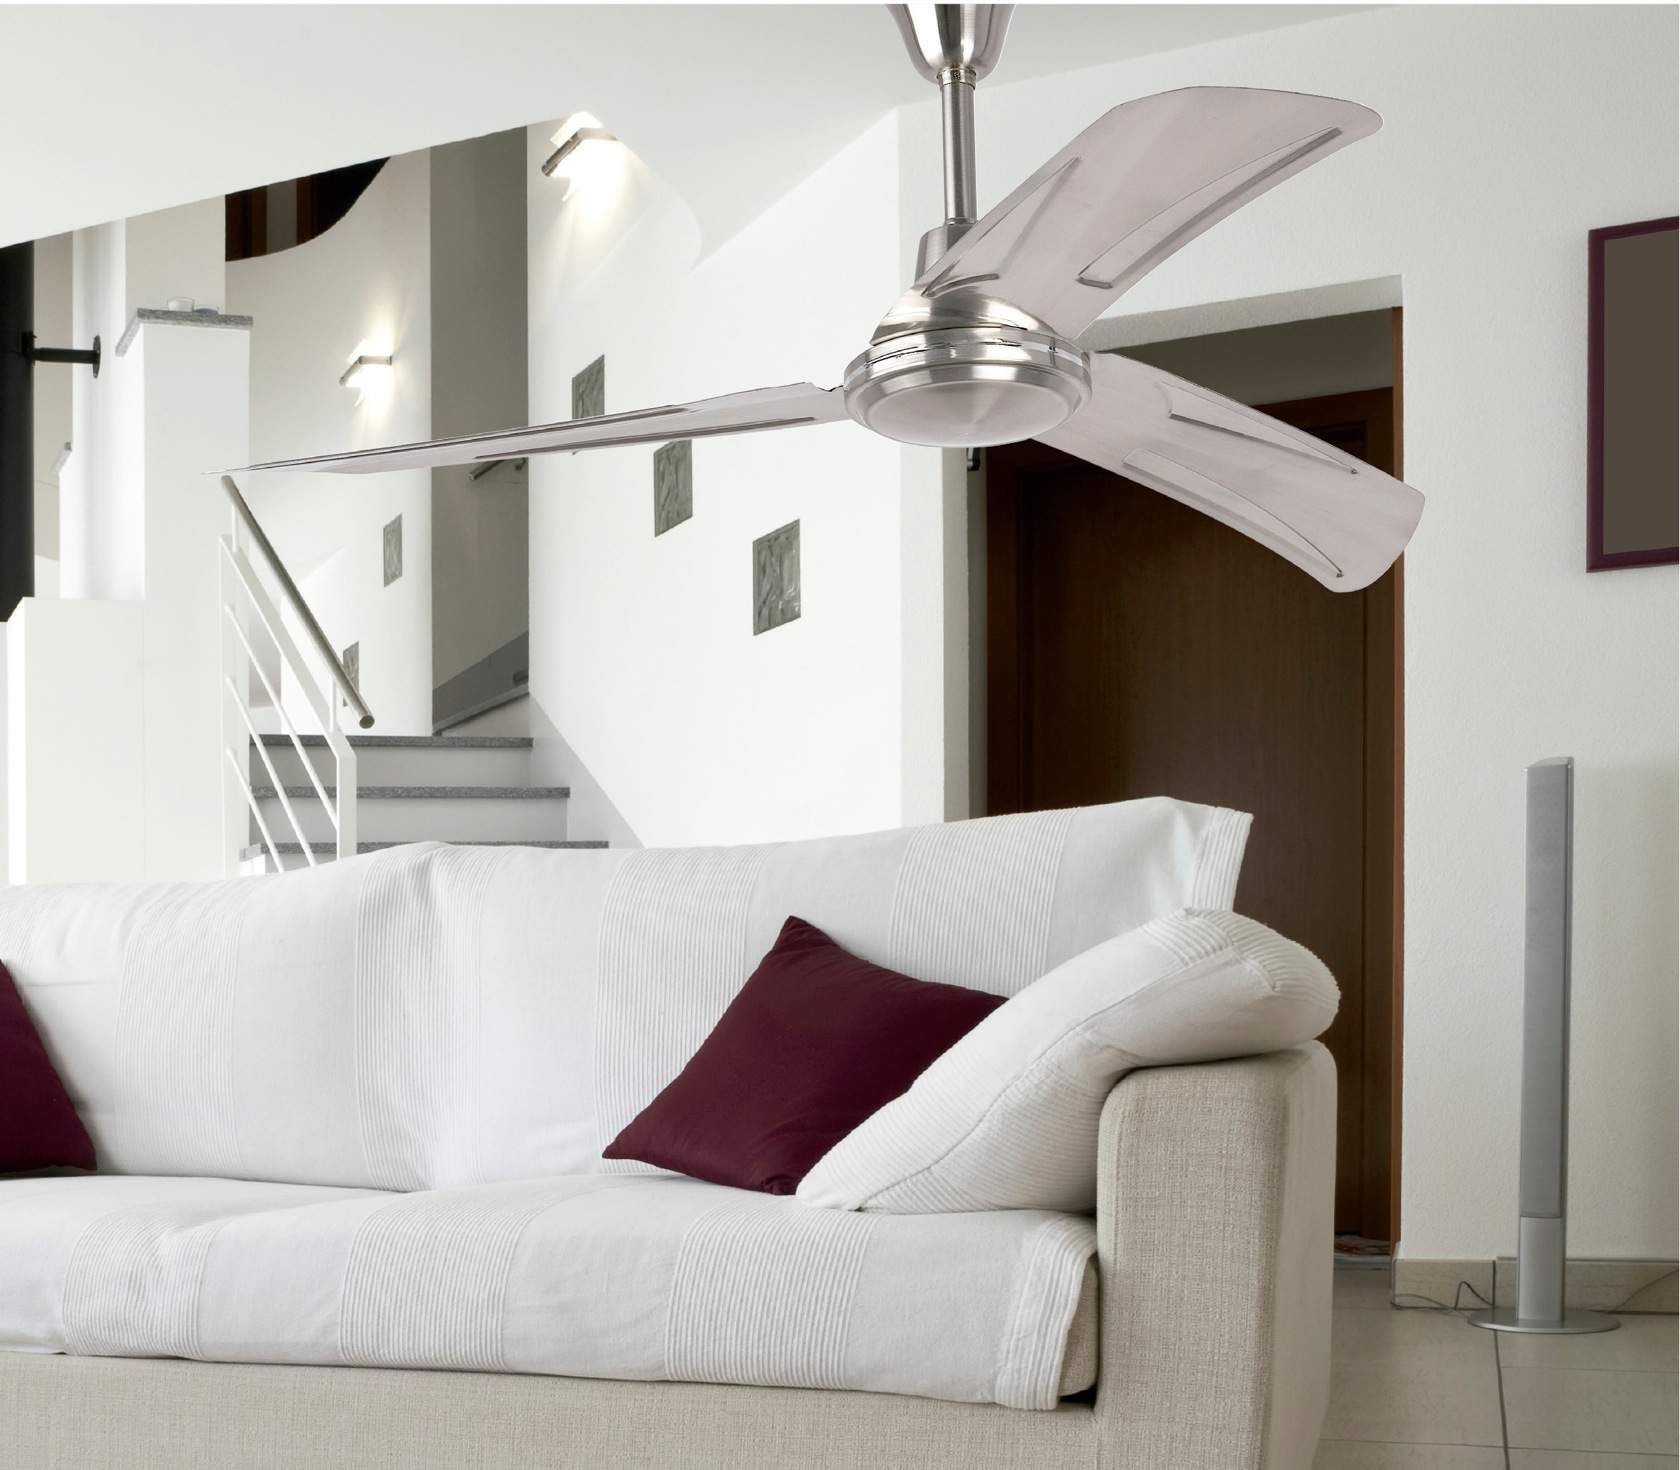 Faro hunter industrial ventilador techo 33075 l mparas - Ventilador techo diseno ...